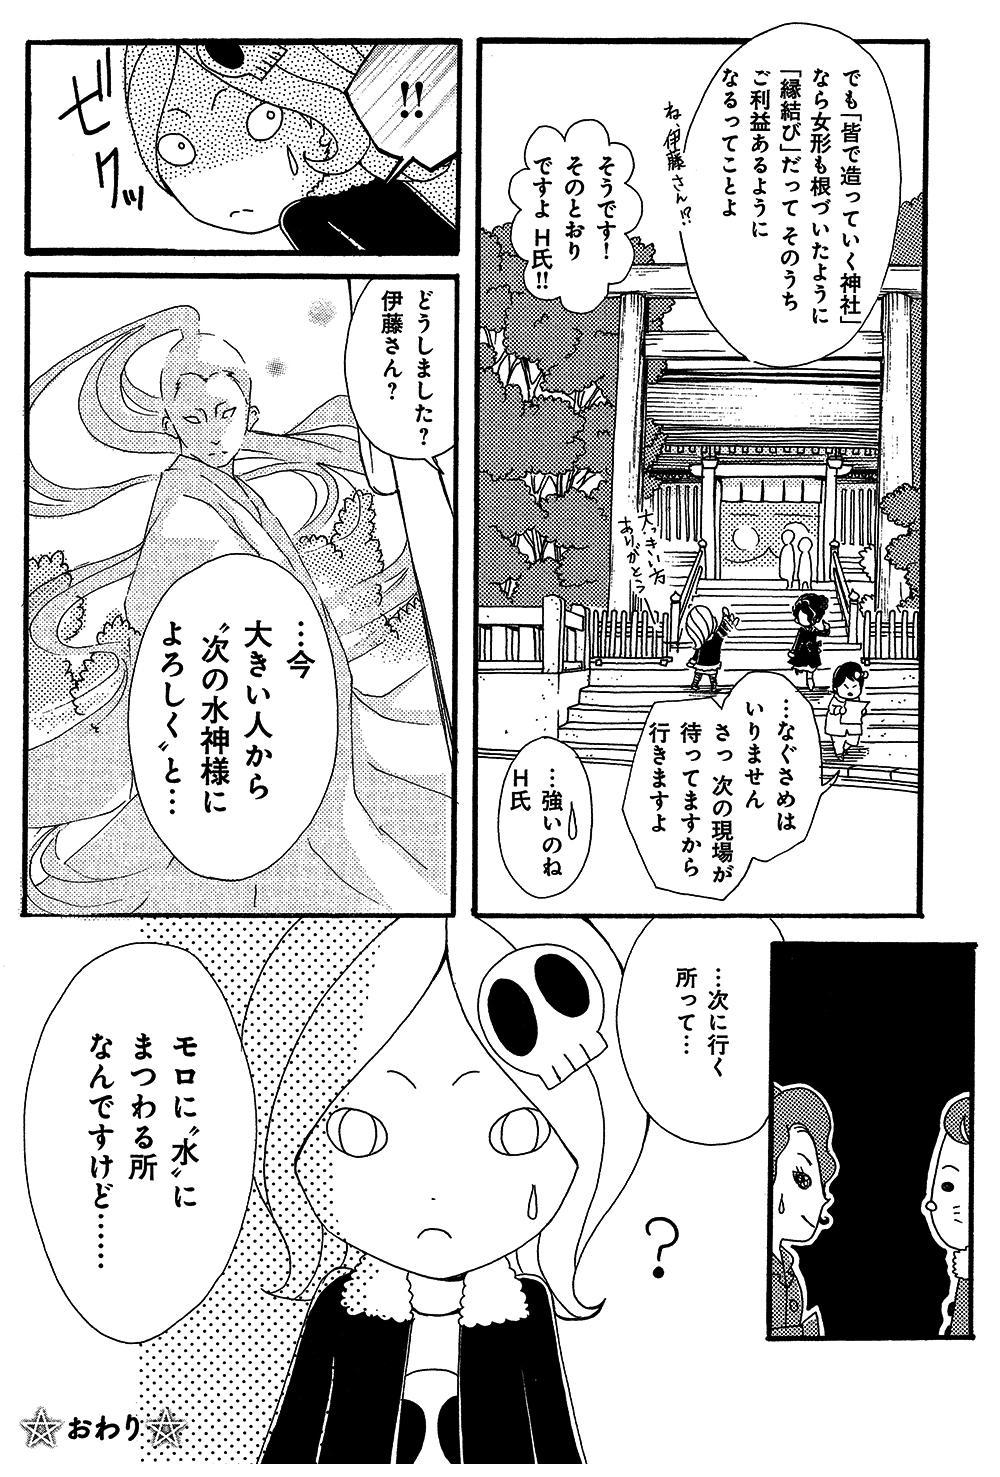 スピ☆散歩 第1話「東京大神宮」②spi0028.jpg